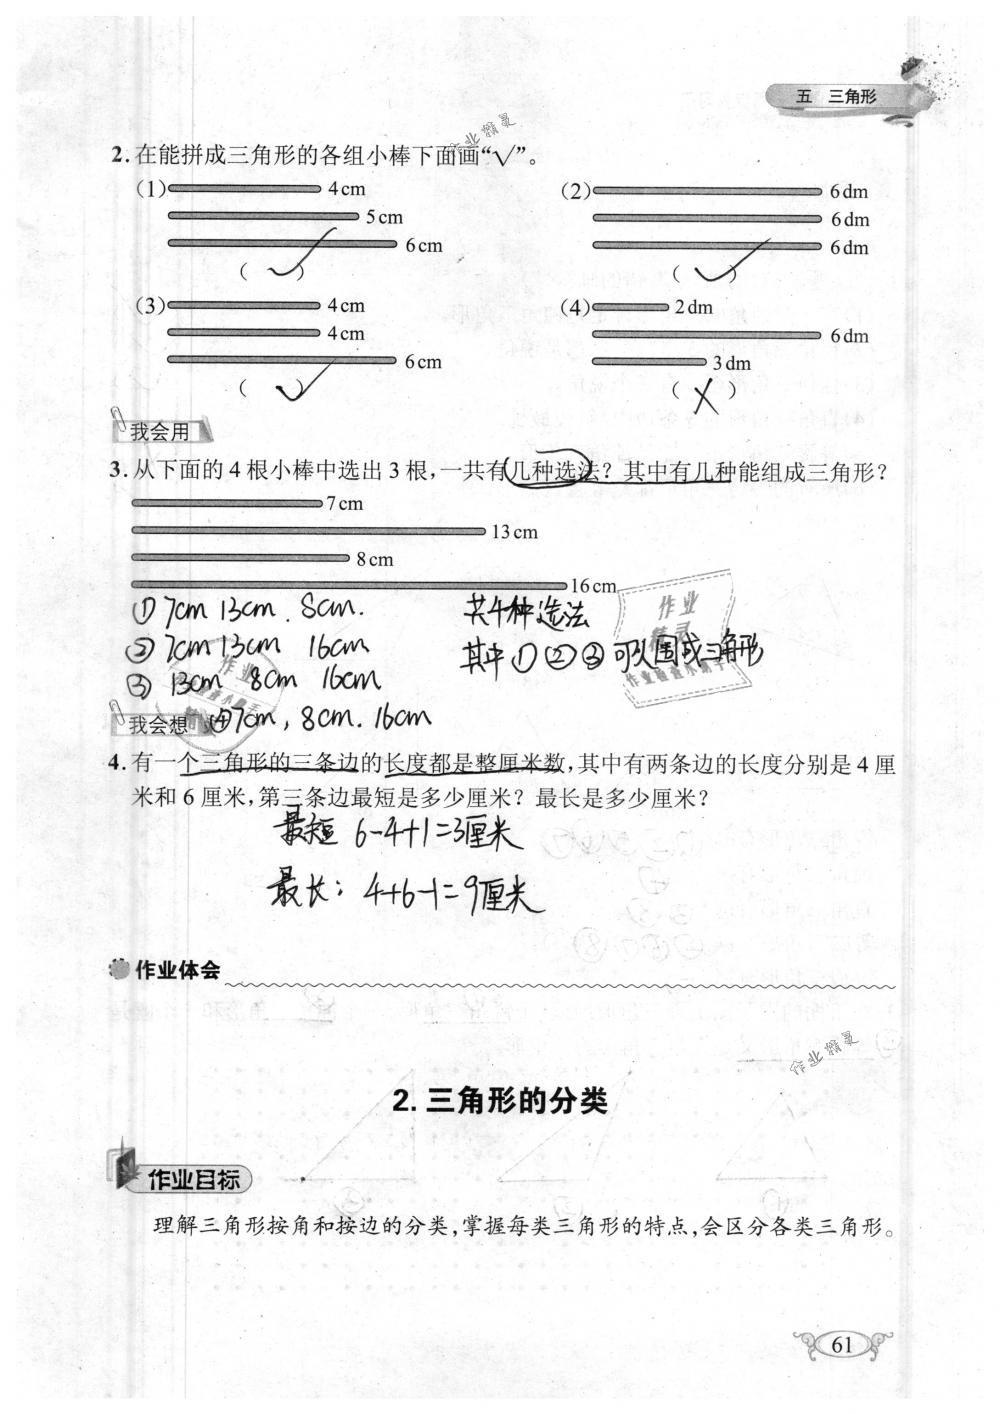 2019年长江作业本同步练习册四年级数学下册人教版参考答案第61页